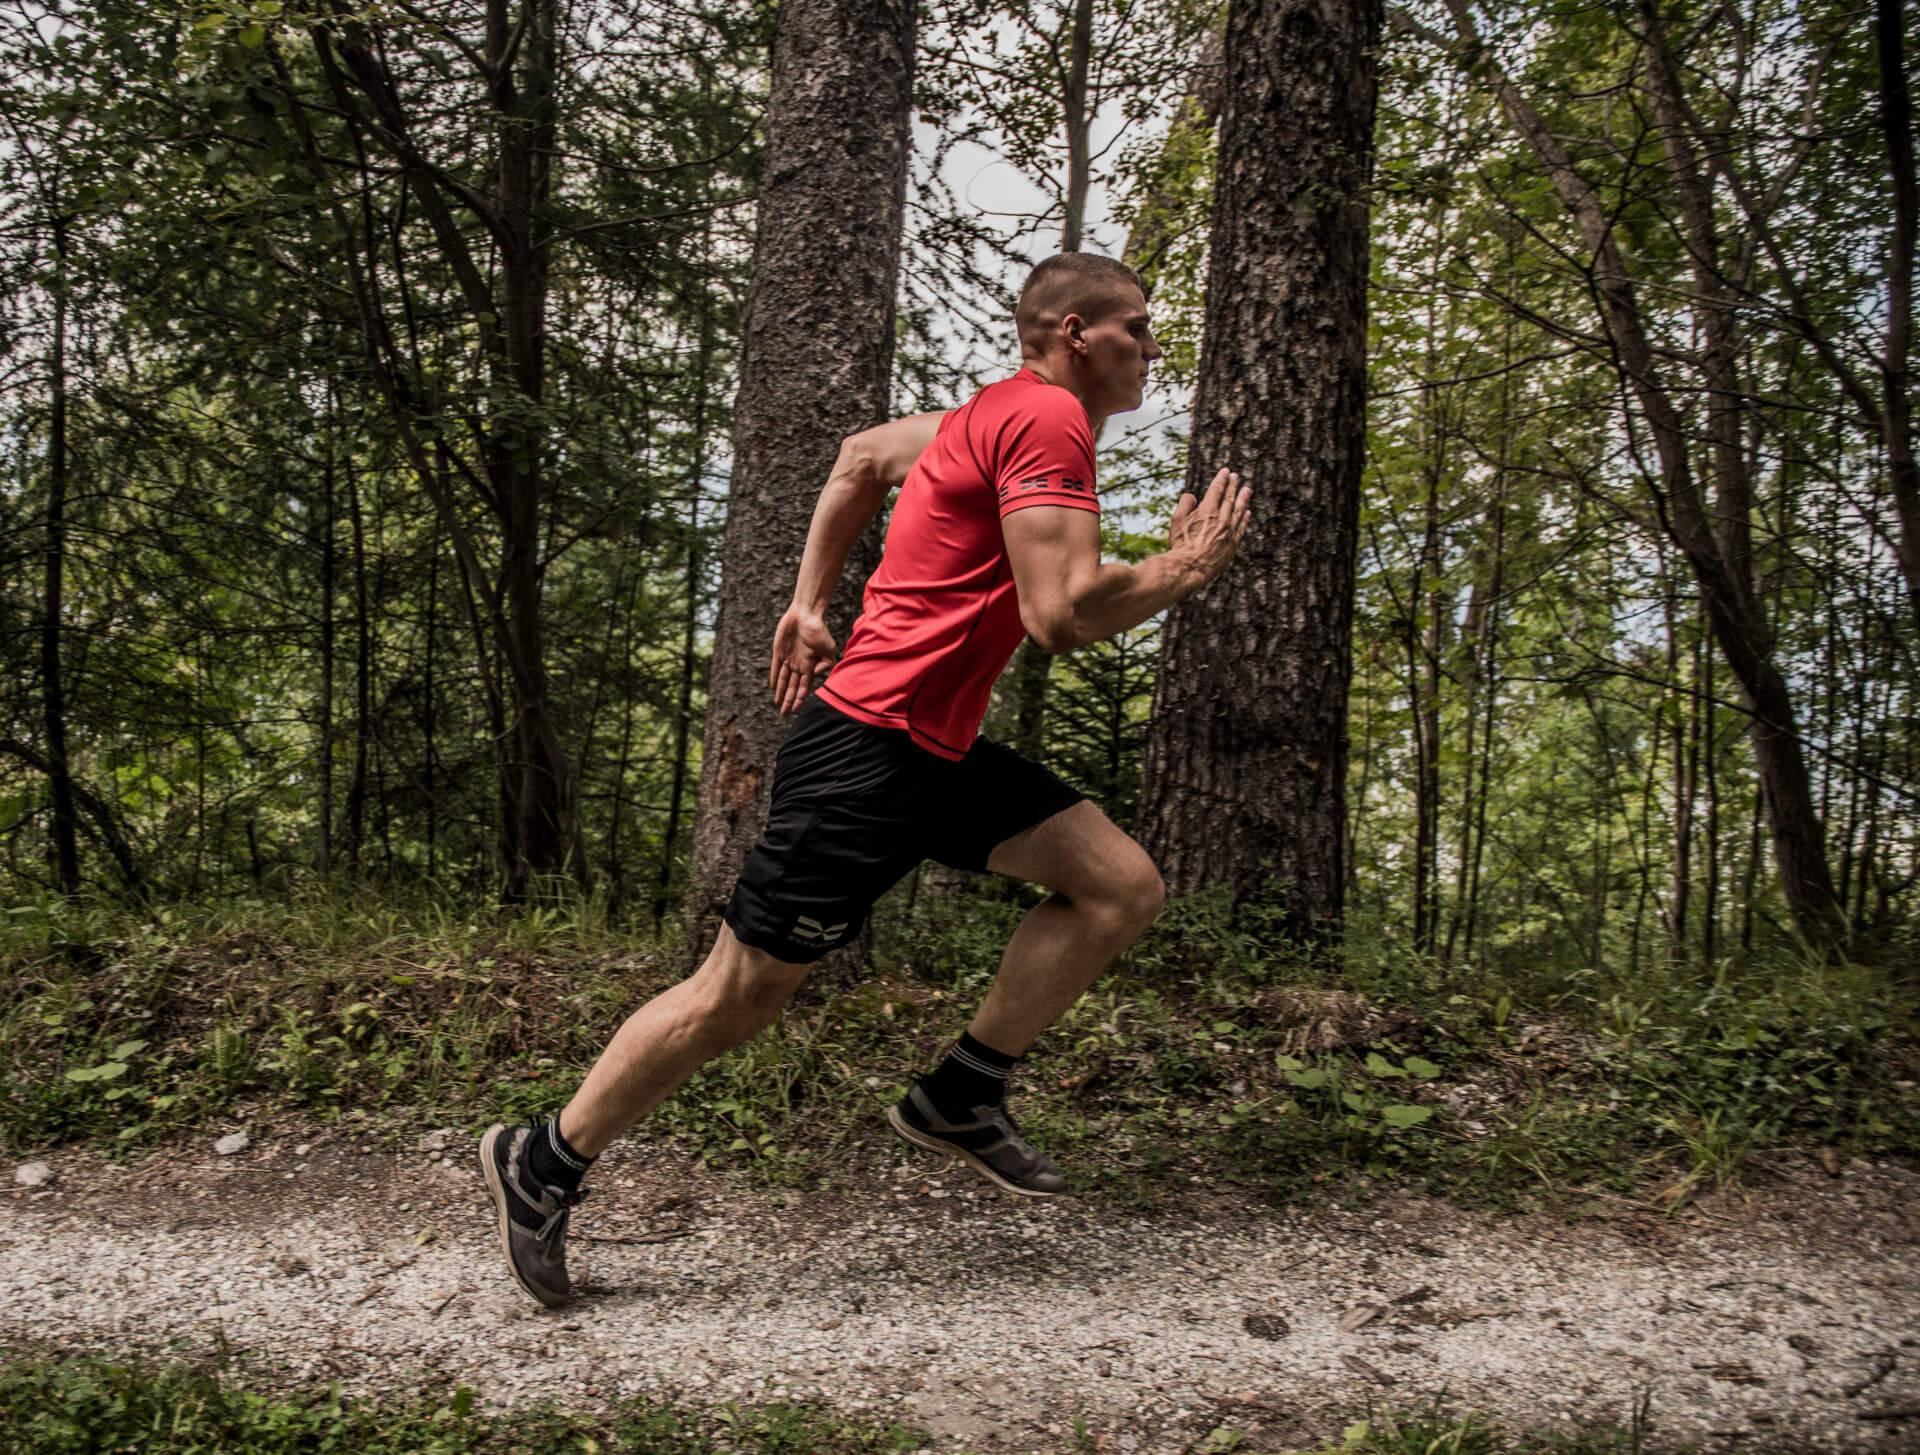 FEFLOGX Sportswear Funktionsshirt Mesh und Allrounder Shorts, Sprint Training in den Bergen.